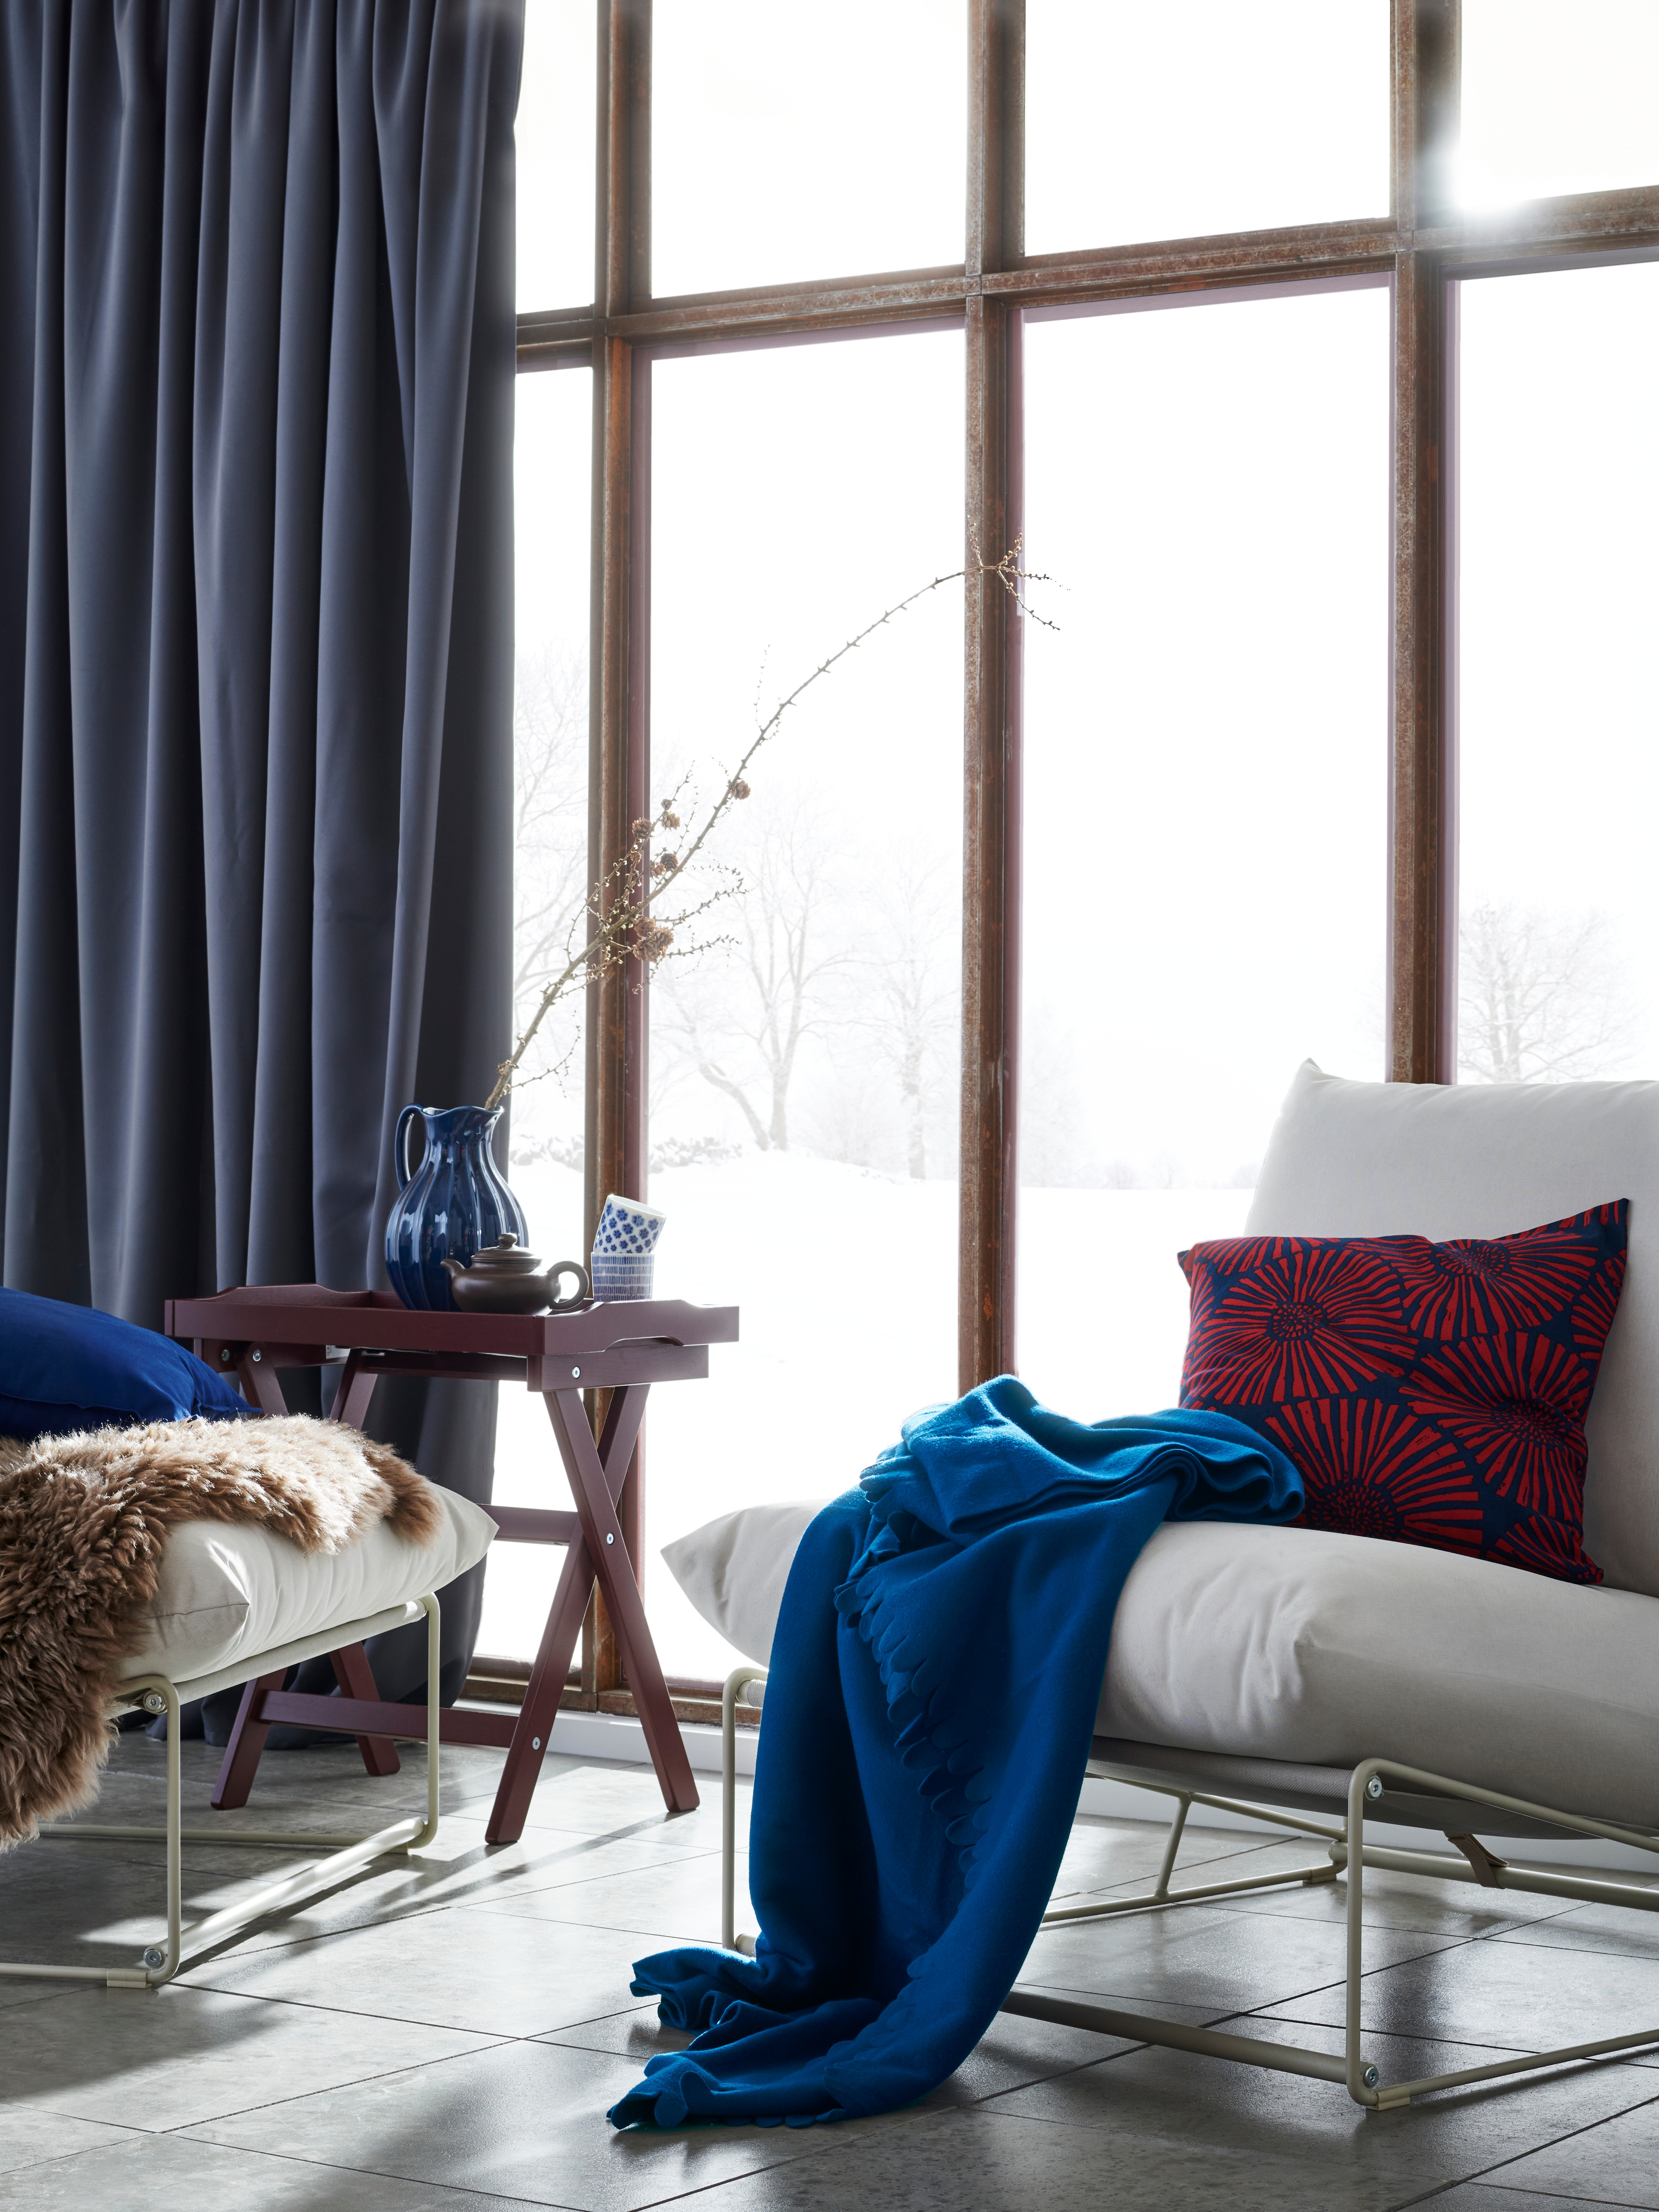 Dvije unutarnje-vanjske lounge stolice u popločanoj sobi sa staklenom stijenom i snijegom vani, s plavom POLARVIDE laganom dekom i ukrasnim jastucima.